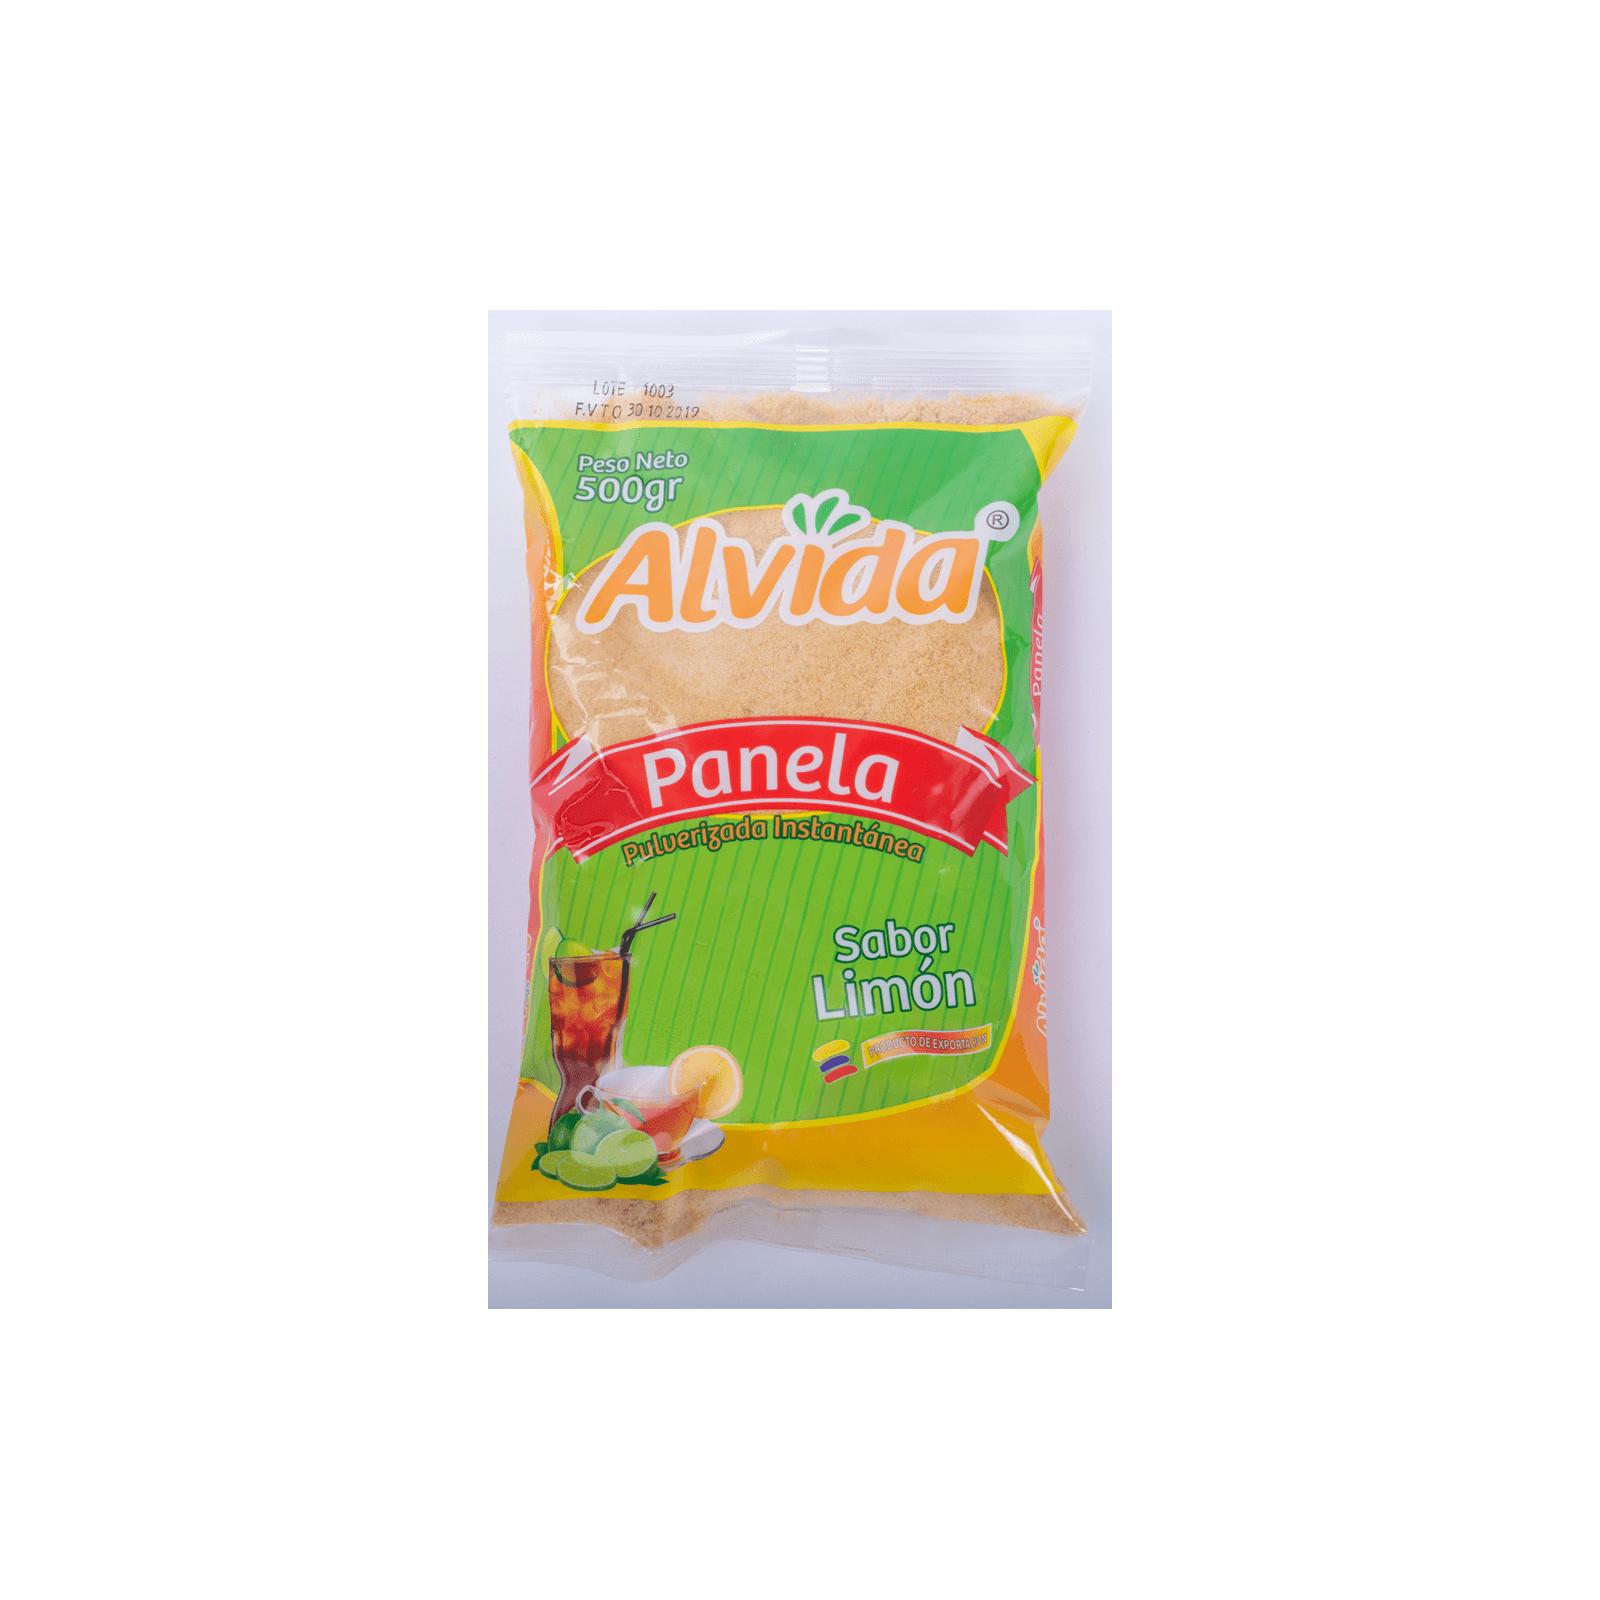 Panela Pulverizada Limón Alvida